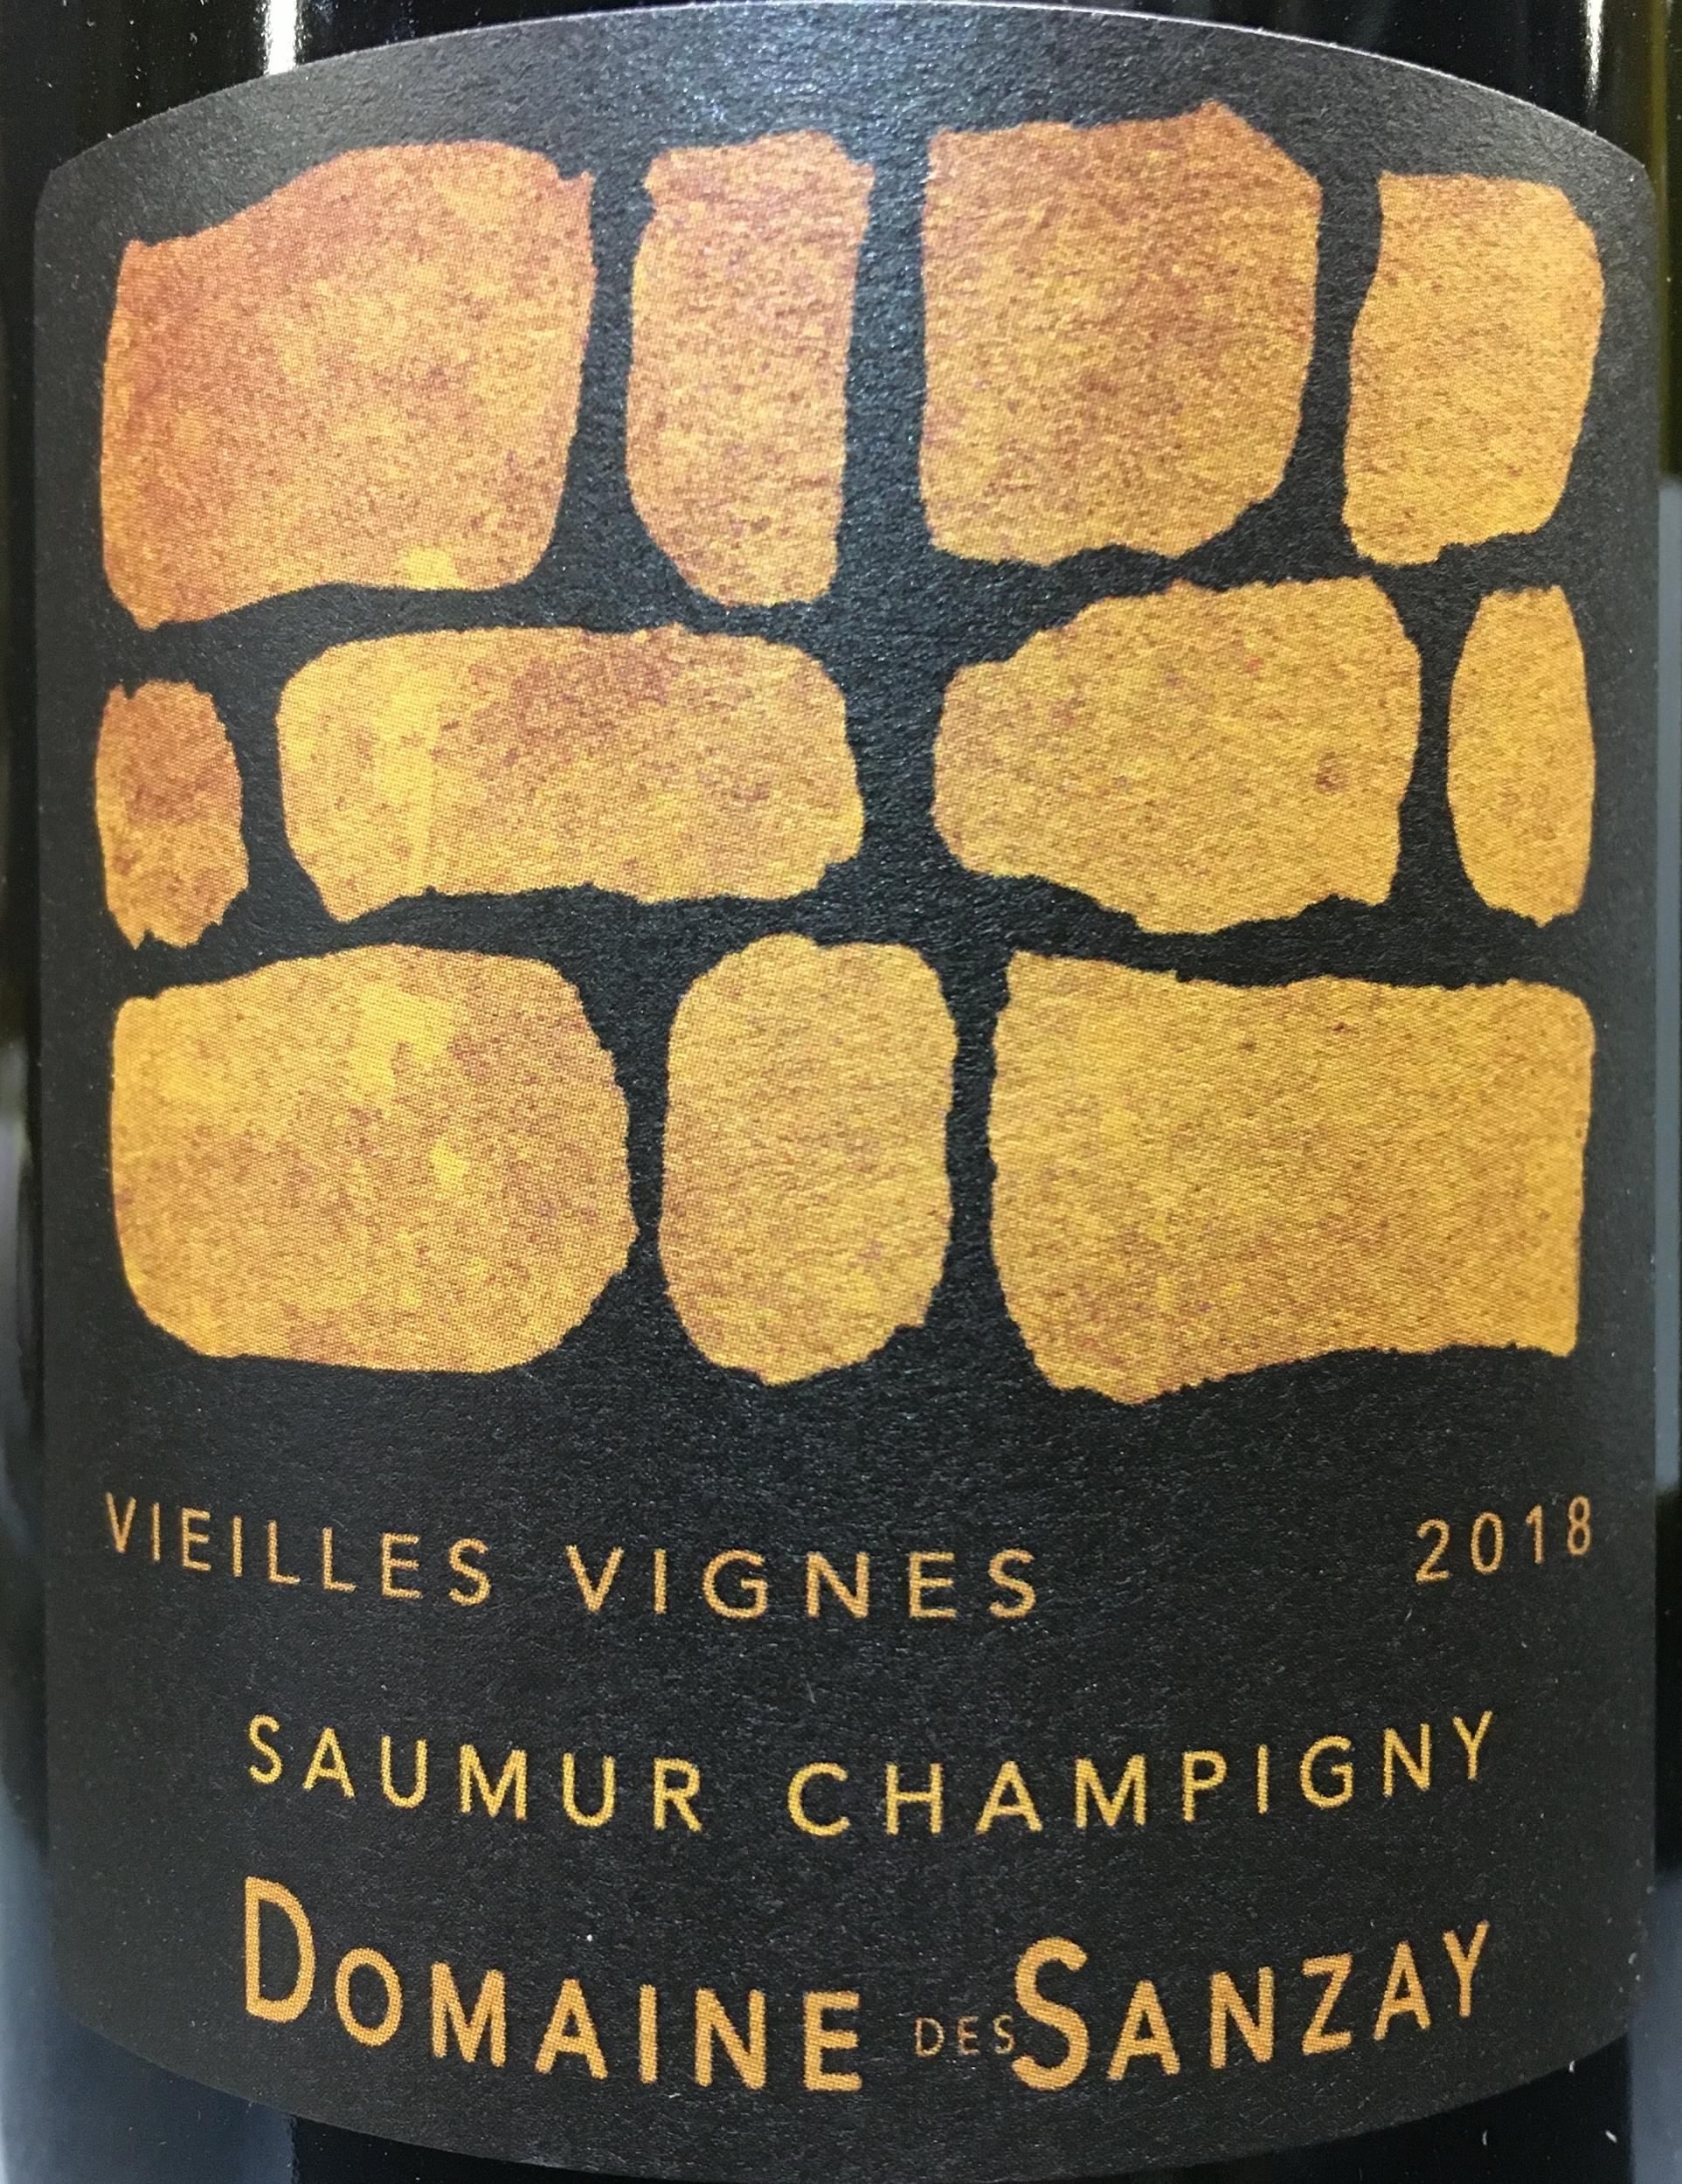 la nouvelle cave.saumur champigny vieilles vignes.domaine de sanzay.1